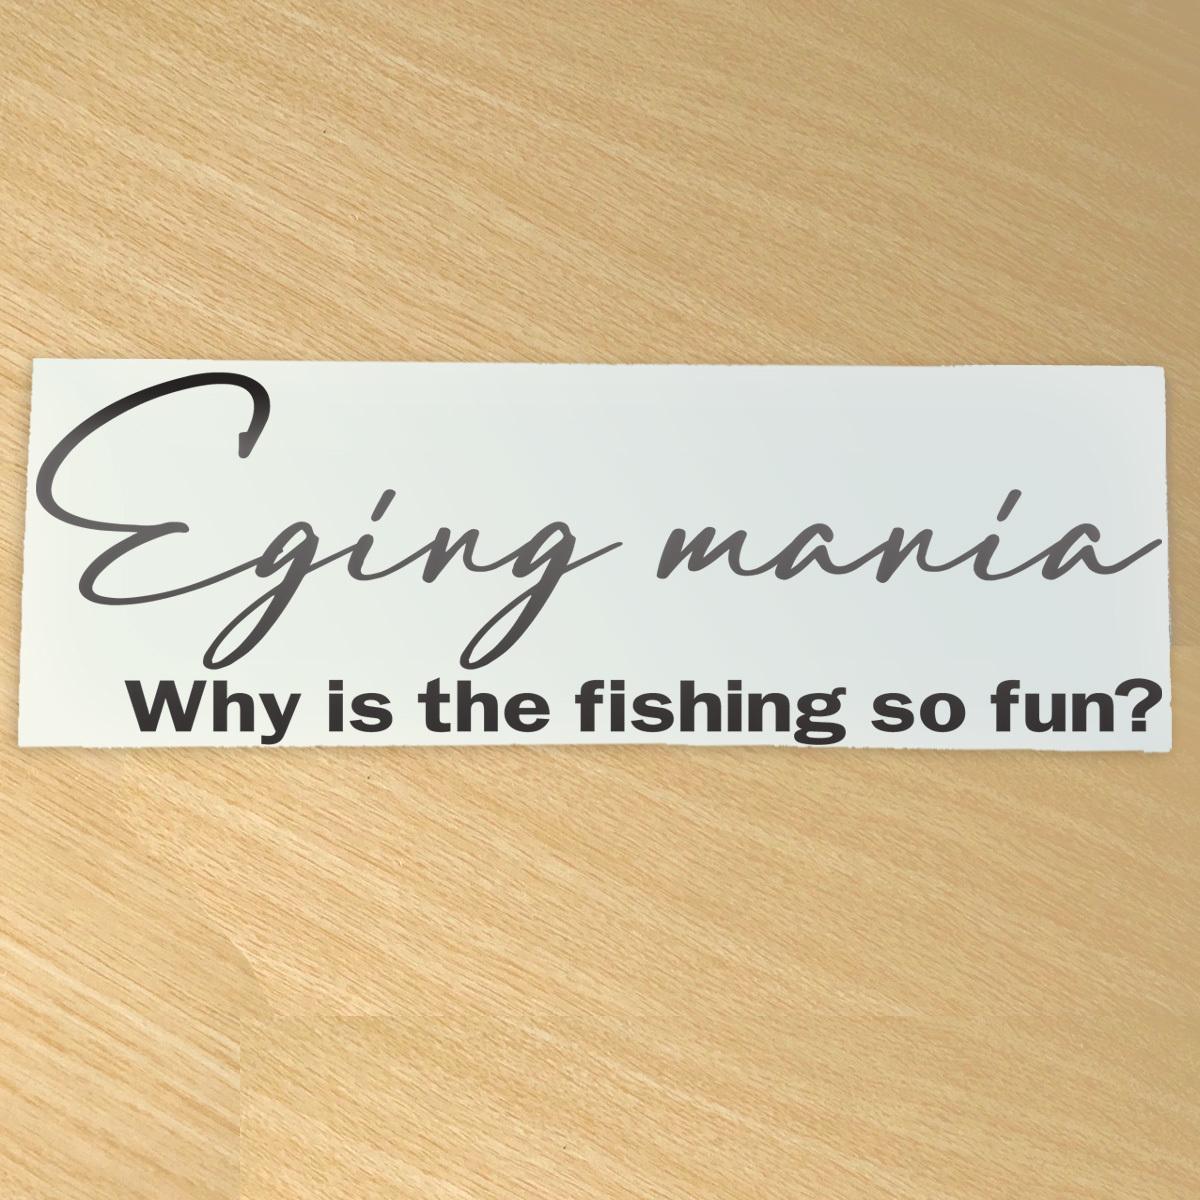 Sportsmindではなくて、エギングマニア 餌木釣りステッカー Why is the fishing so fun?どうして釣りはこんなに楽しいのか?NO521E_画像4